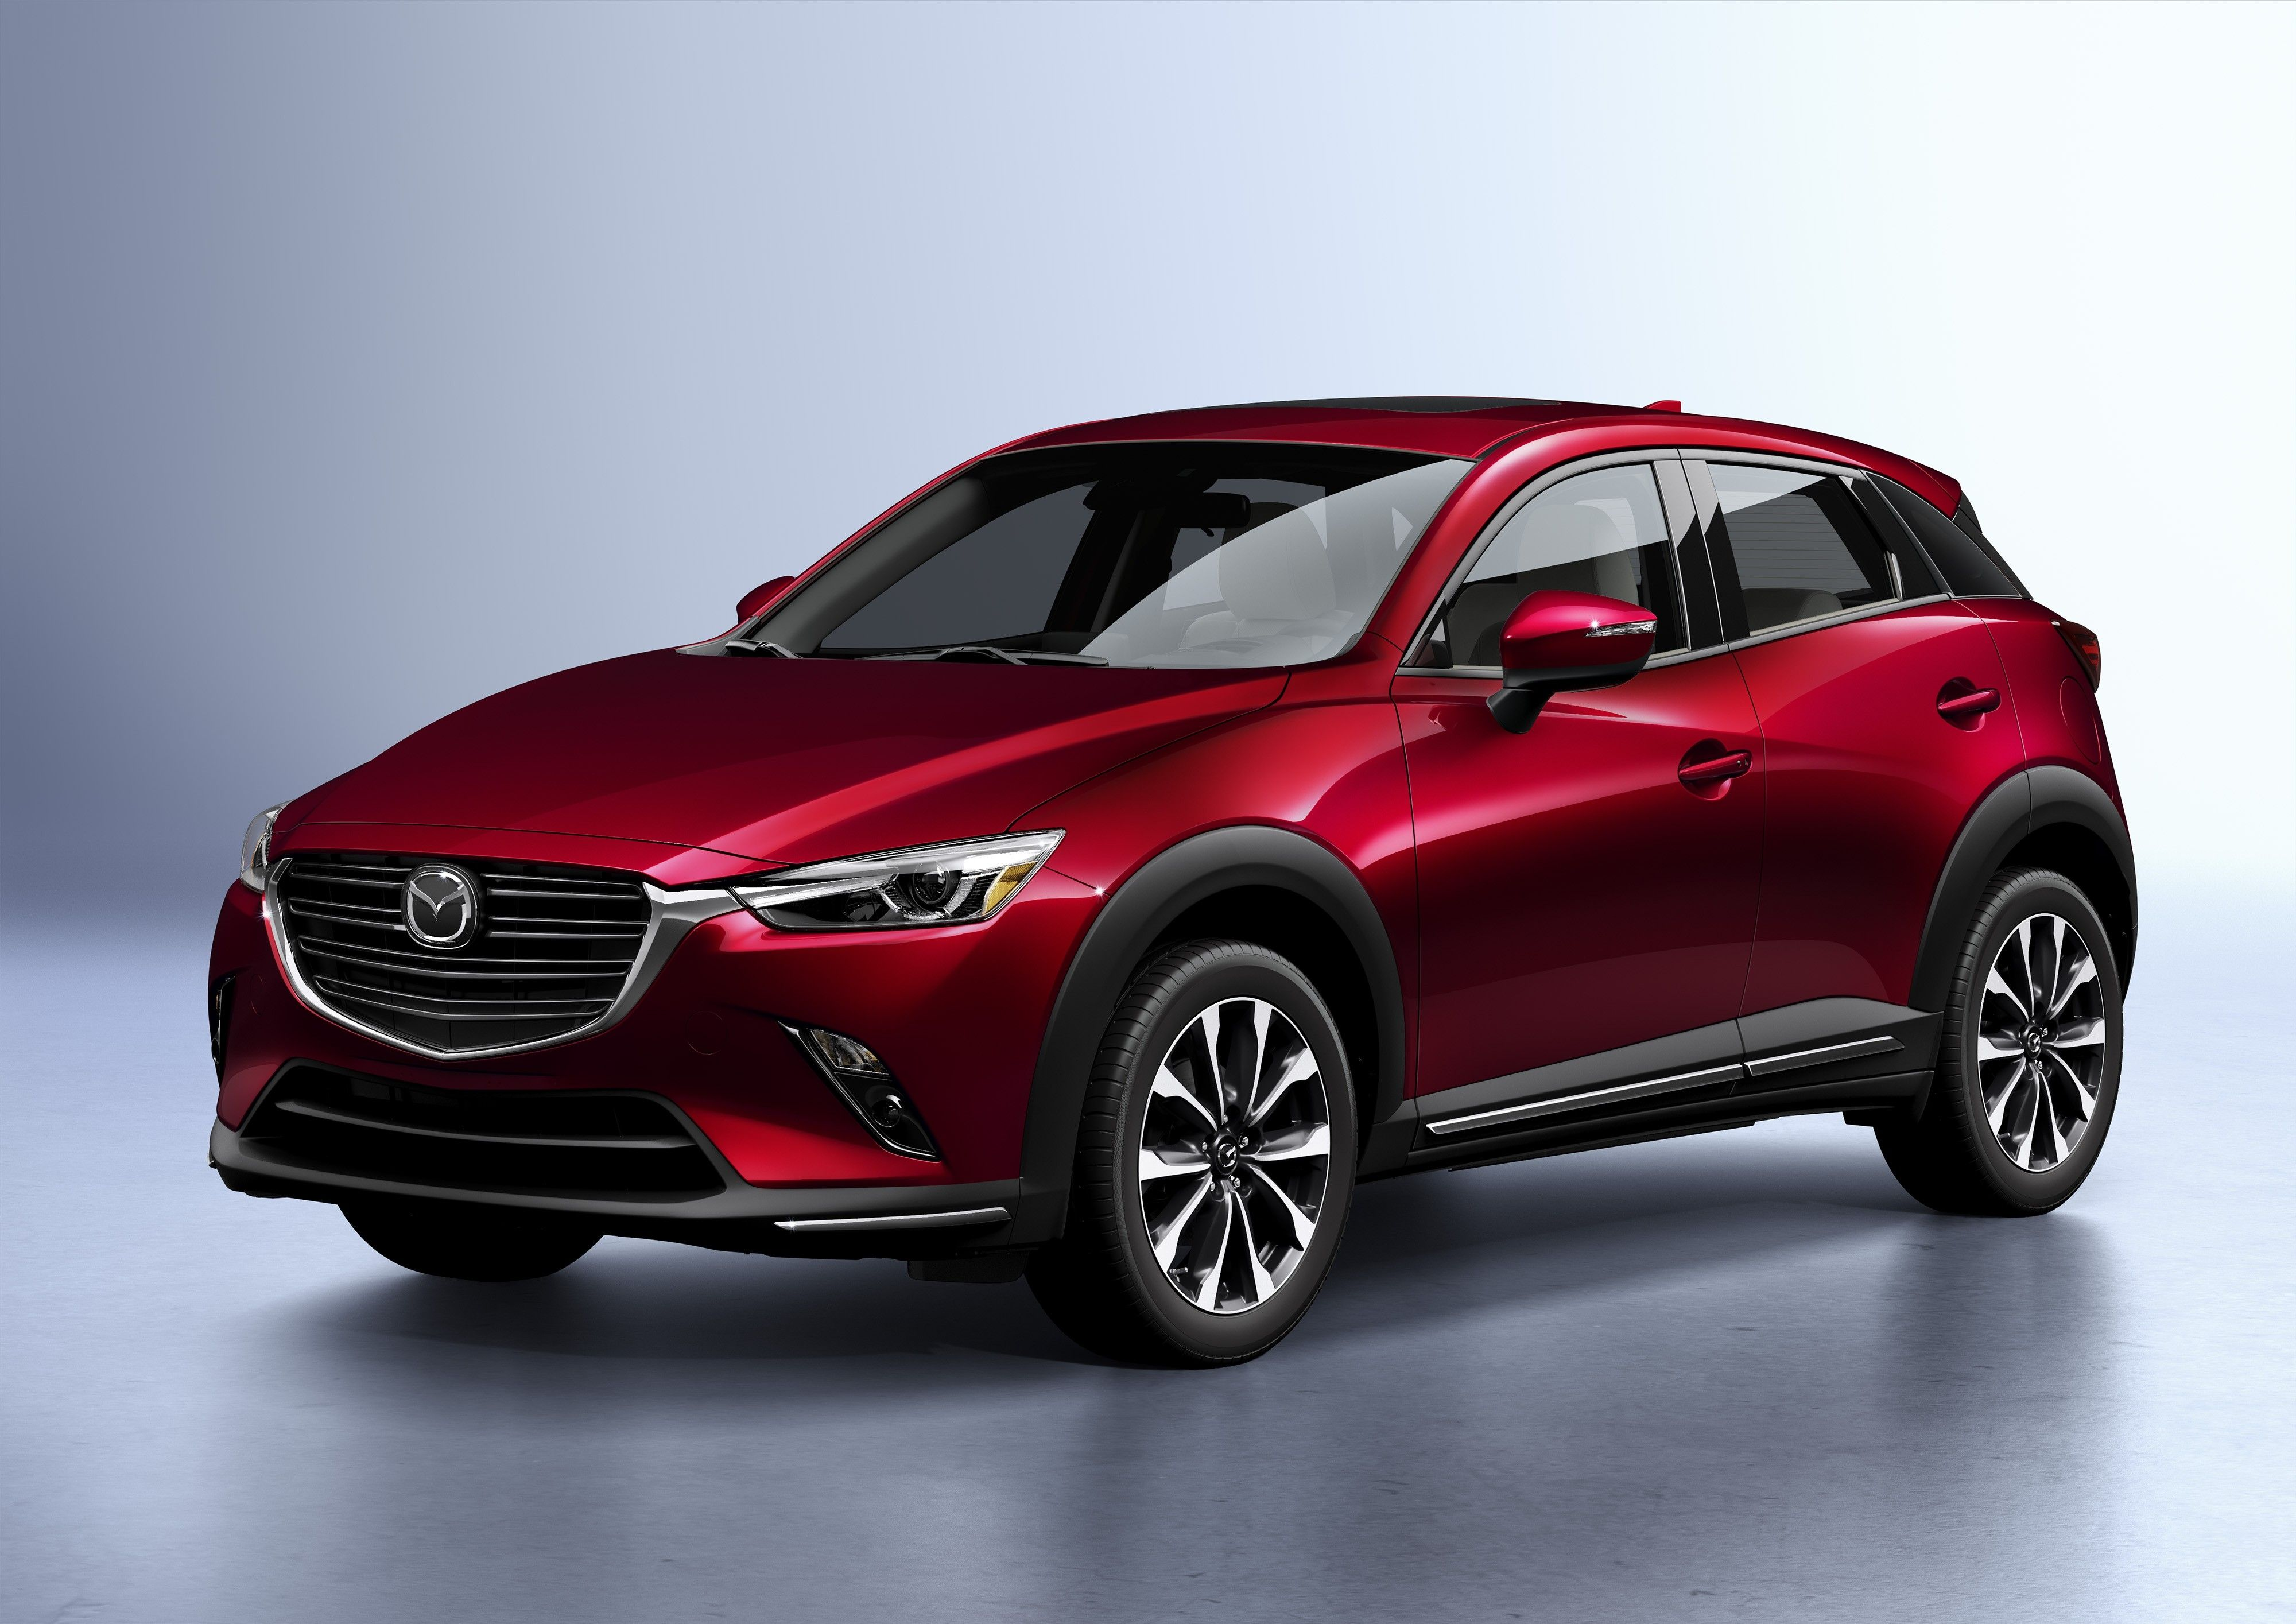 2019 Mazda Recalls Concept Redesign And Review Mazda Suv Mazda Cx3 Suv